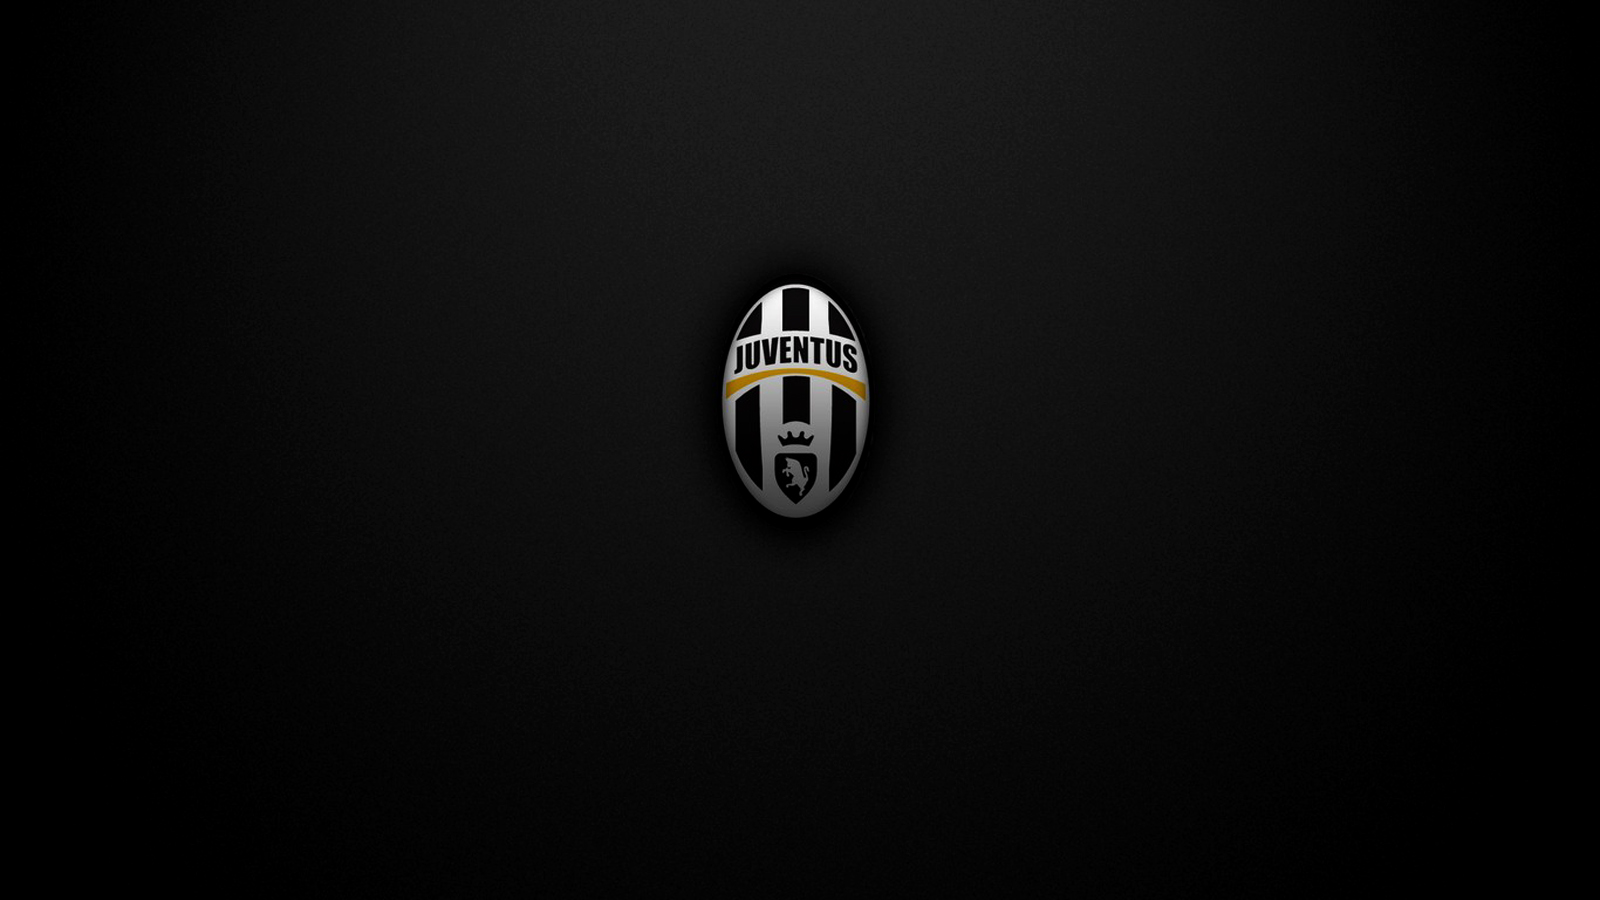 http://2.bp.blogspot.com/-4clq4dssrHU/T6qfkM-3MeI/AAAAAAAABpY/LBBx8uMhbNo/s1600/Juventus_FC_Logo_Simple_HD_Desktop_Wallpaper-Vvallpaper.Net.jpg